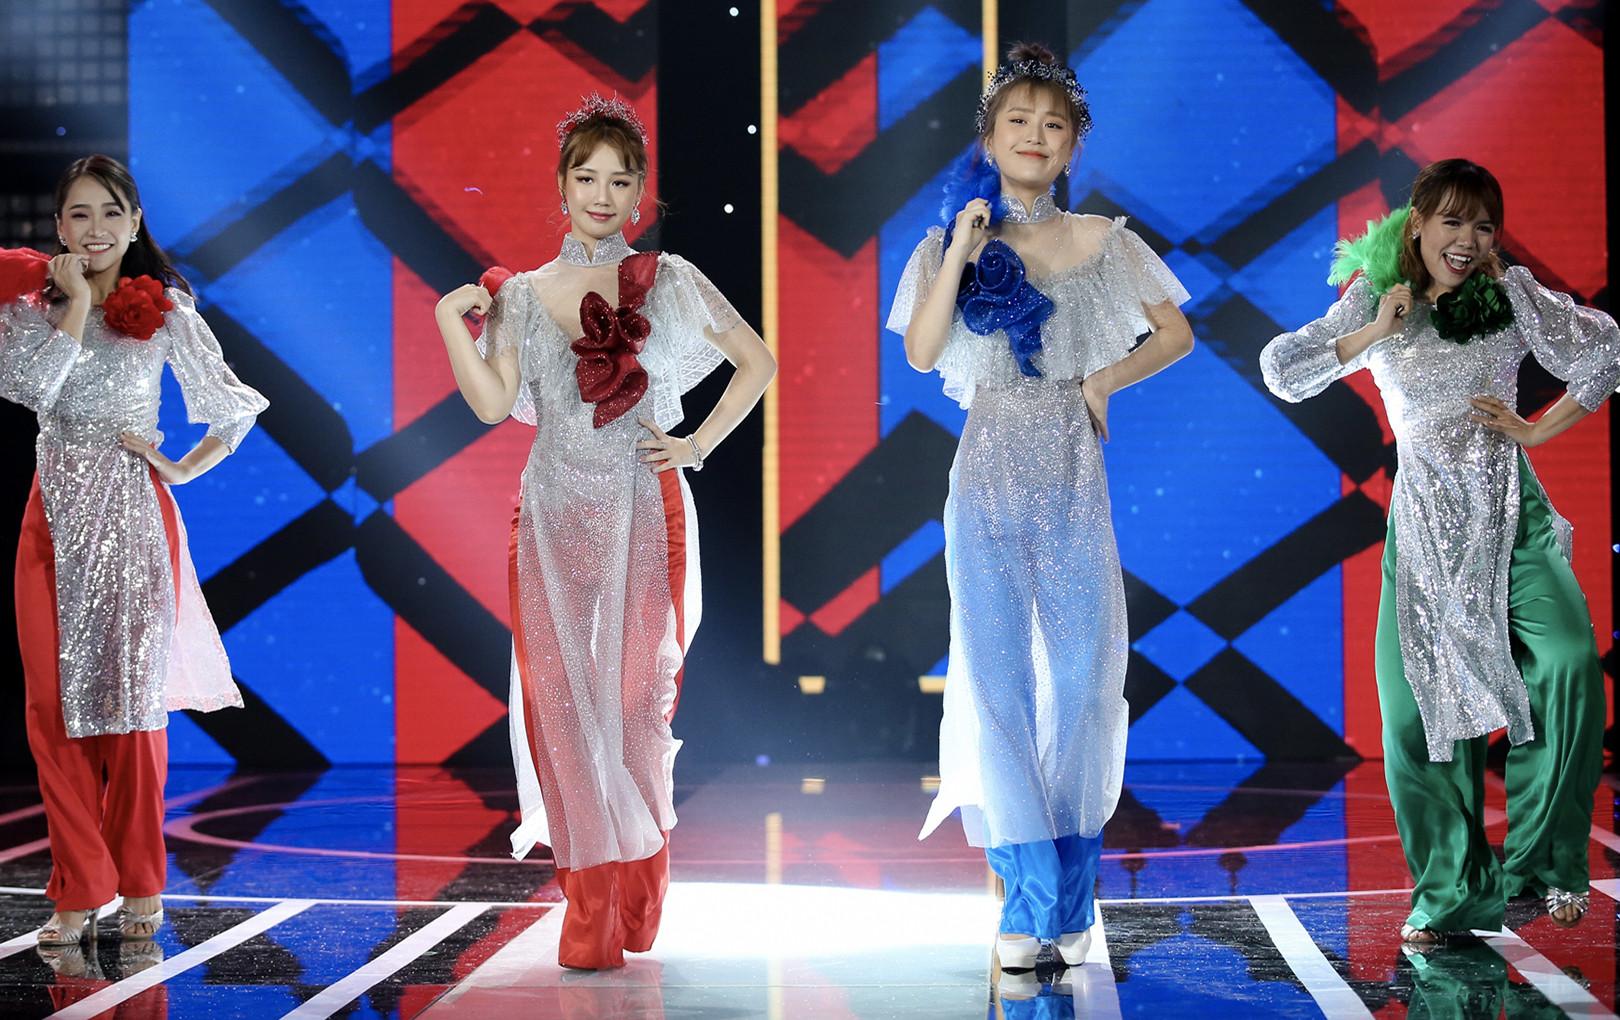 Dàn sao nữ sinh năm 2000 Amee, Han Sara hội tụ mở màn hoành tráng cho Tết 2020 của  Gala Nhạc Việt